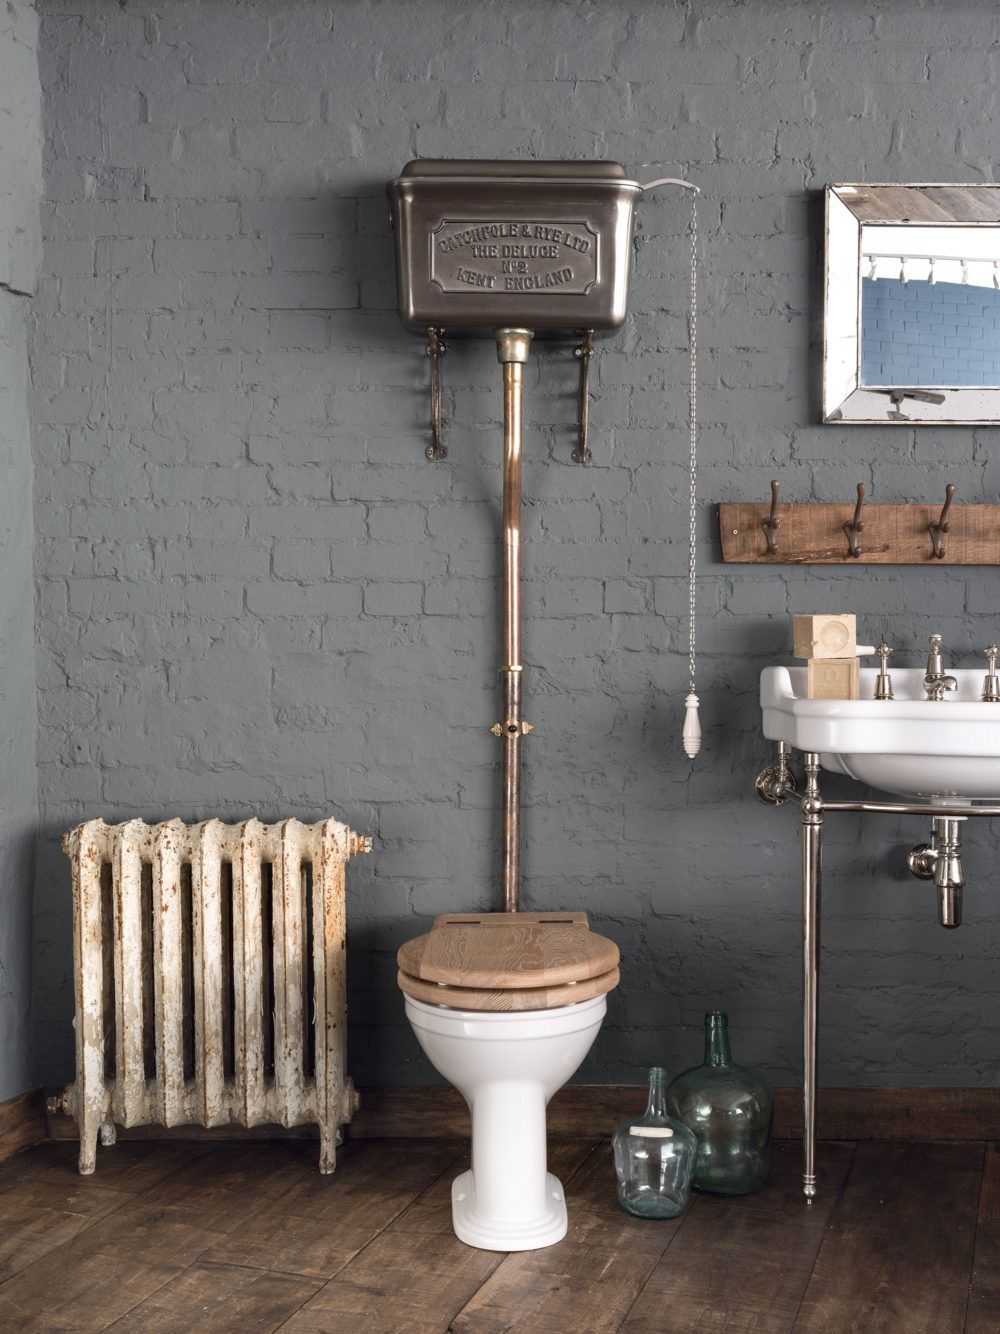 Cistern In Basement